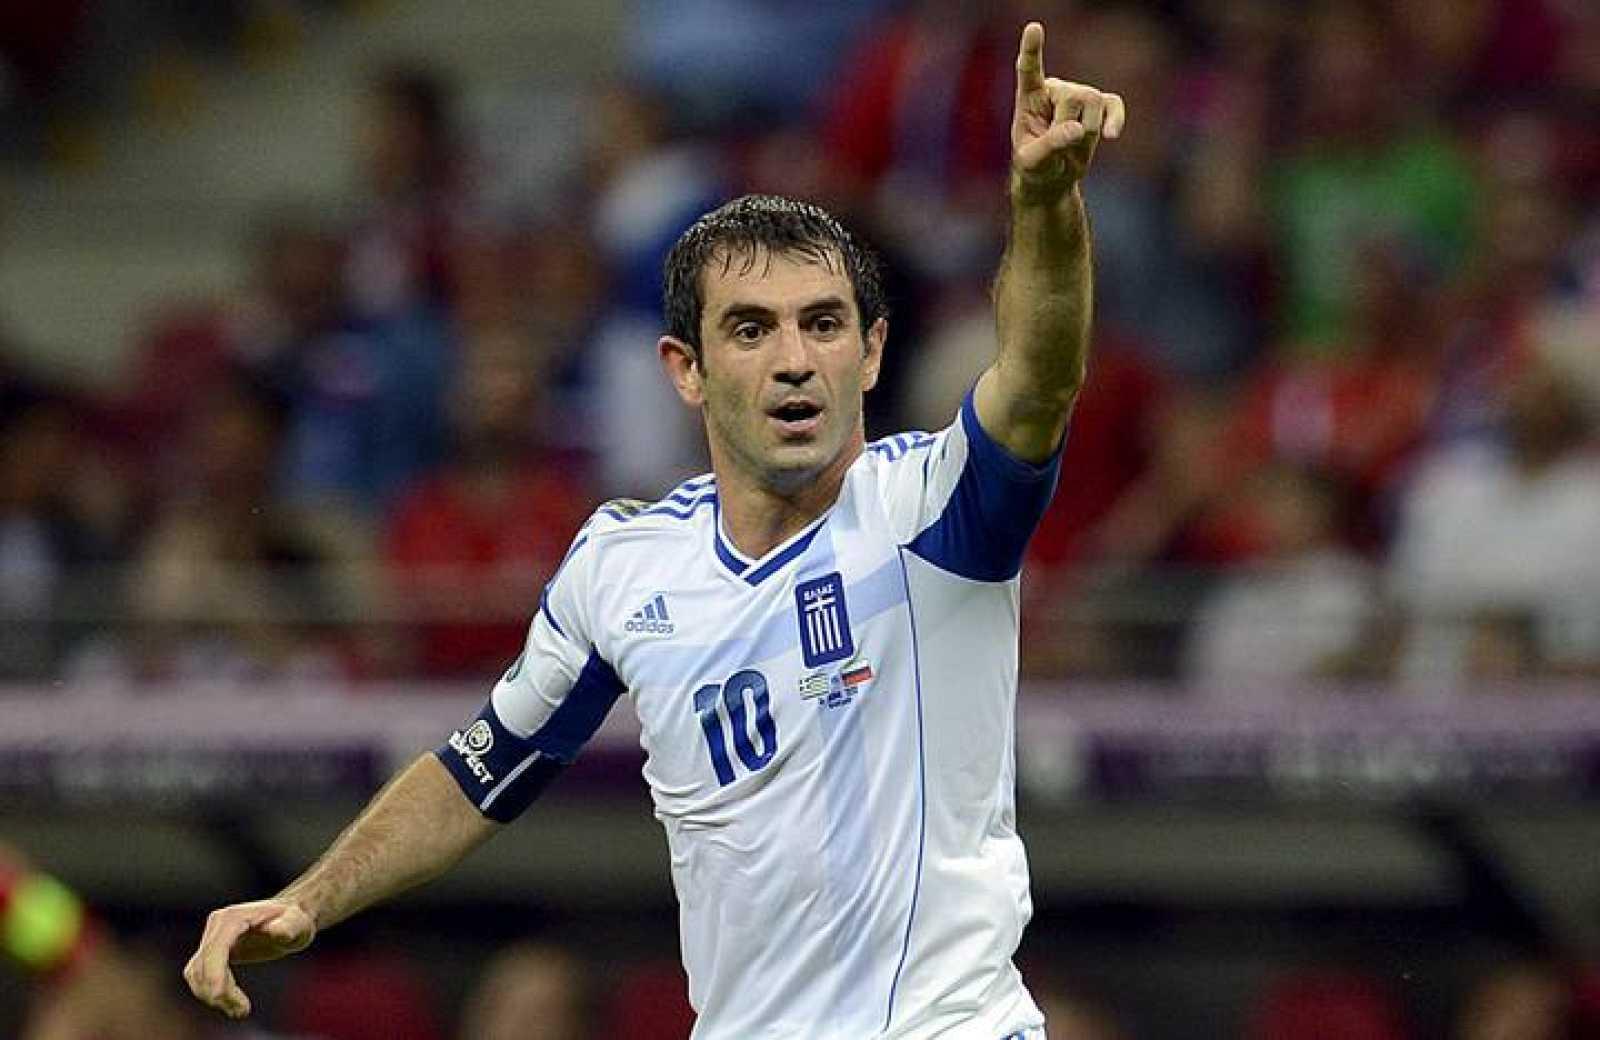 Karagounis celebra tras marcar el 1-0 durante el partido Grecia-Rusia